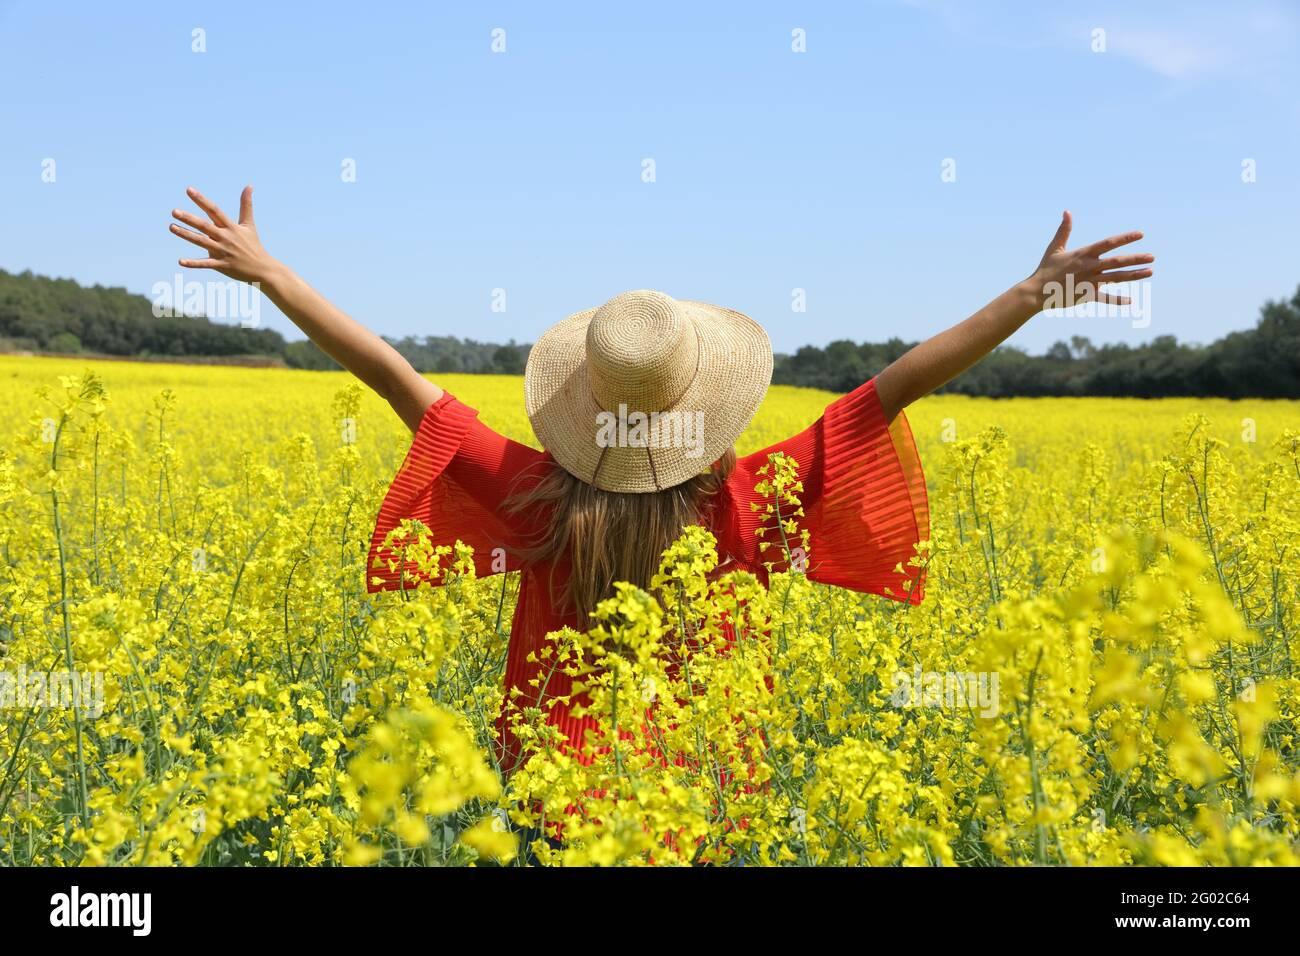 Vue arrière d'une femme excitée dépassant les bras célébrant le printemps dans un champ de fleurs jaunes Banque D'Images